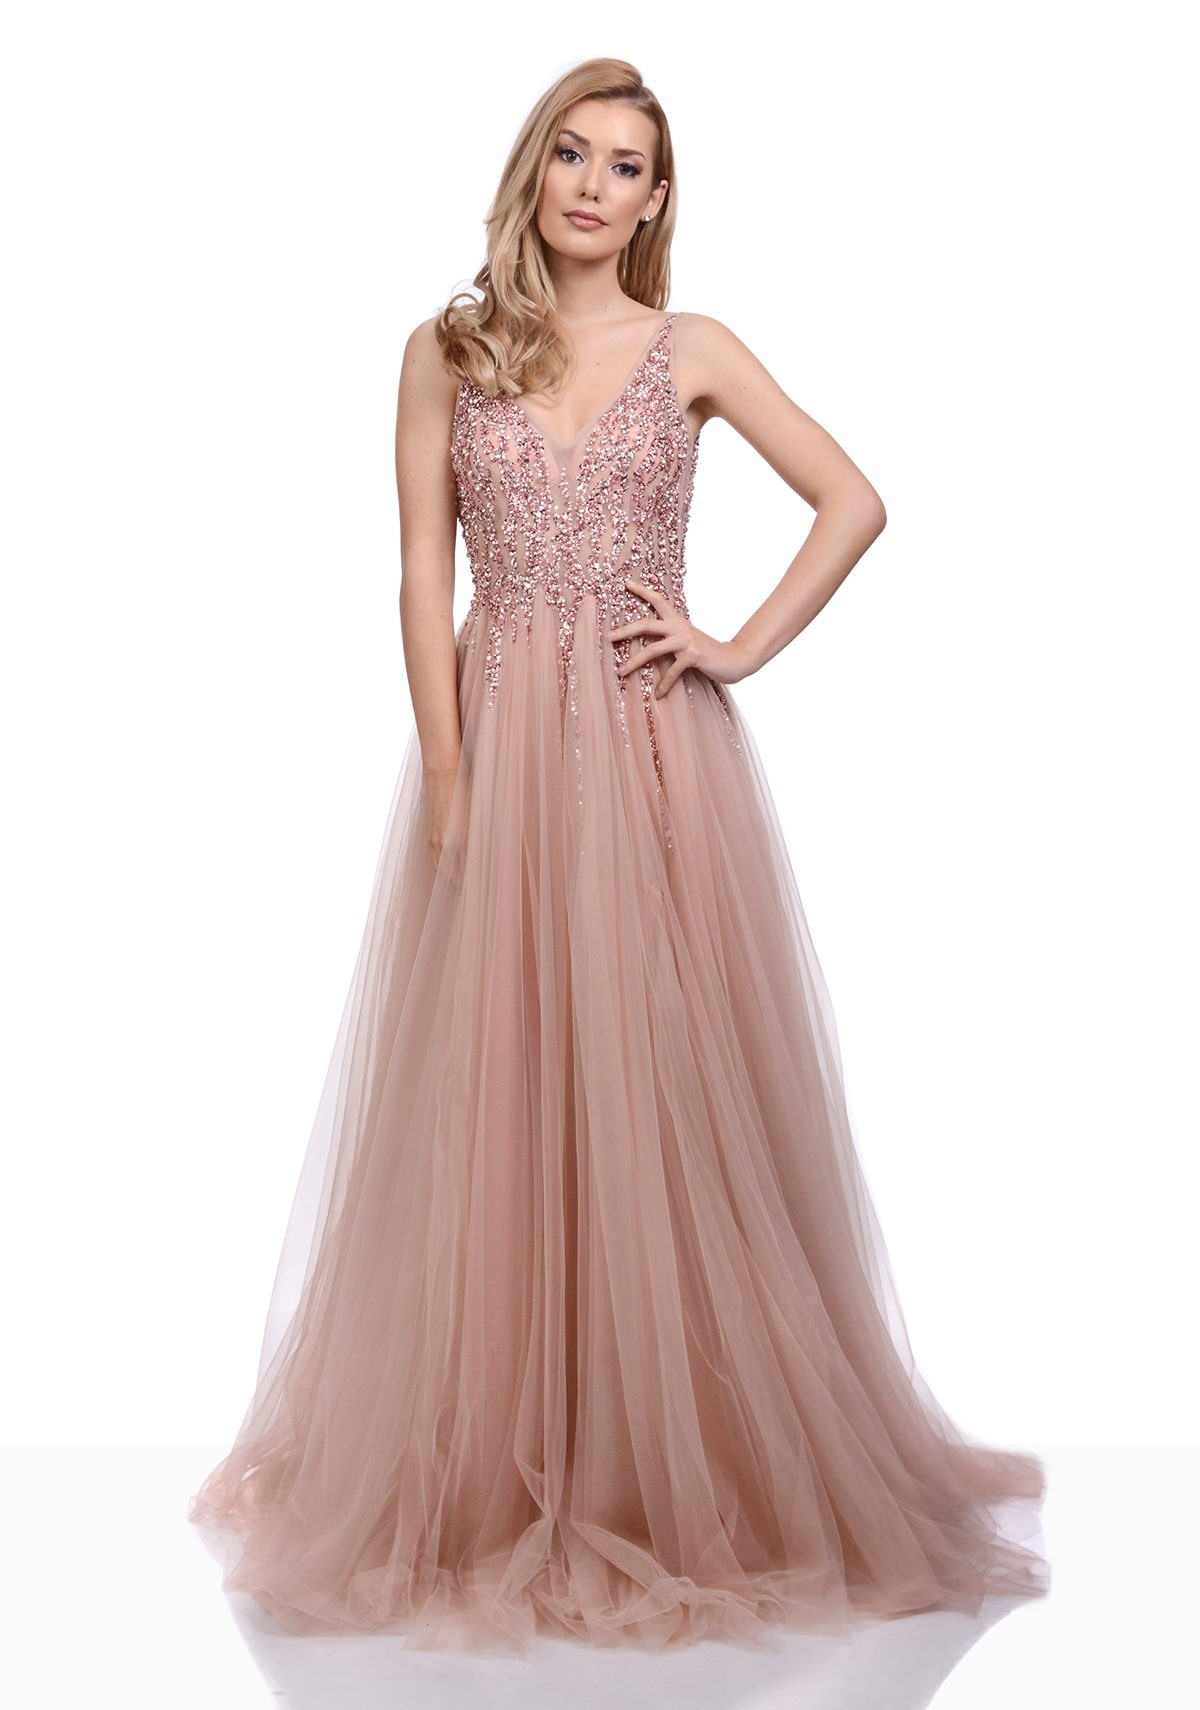 Luxus Die Schönsten Abendkleider Stylish17 Genial Die Schönsten Abendkleider Bester Preis